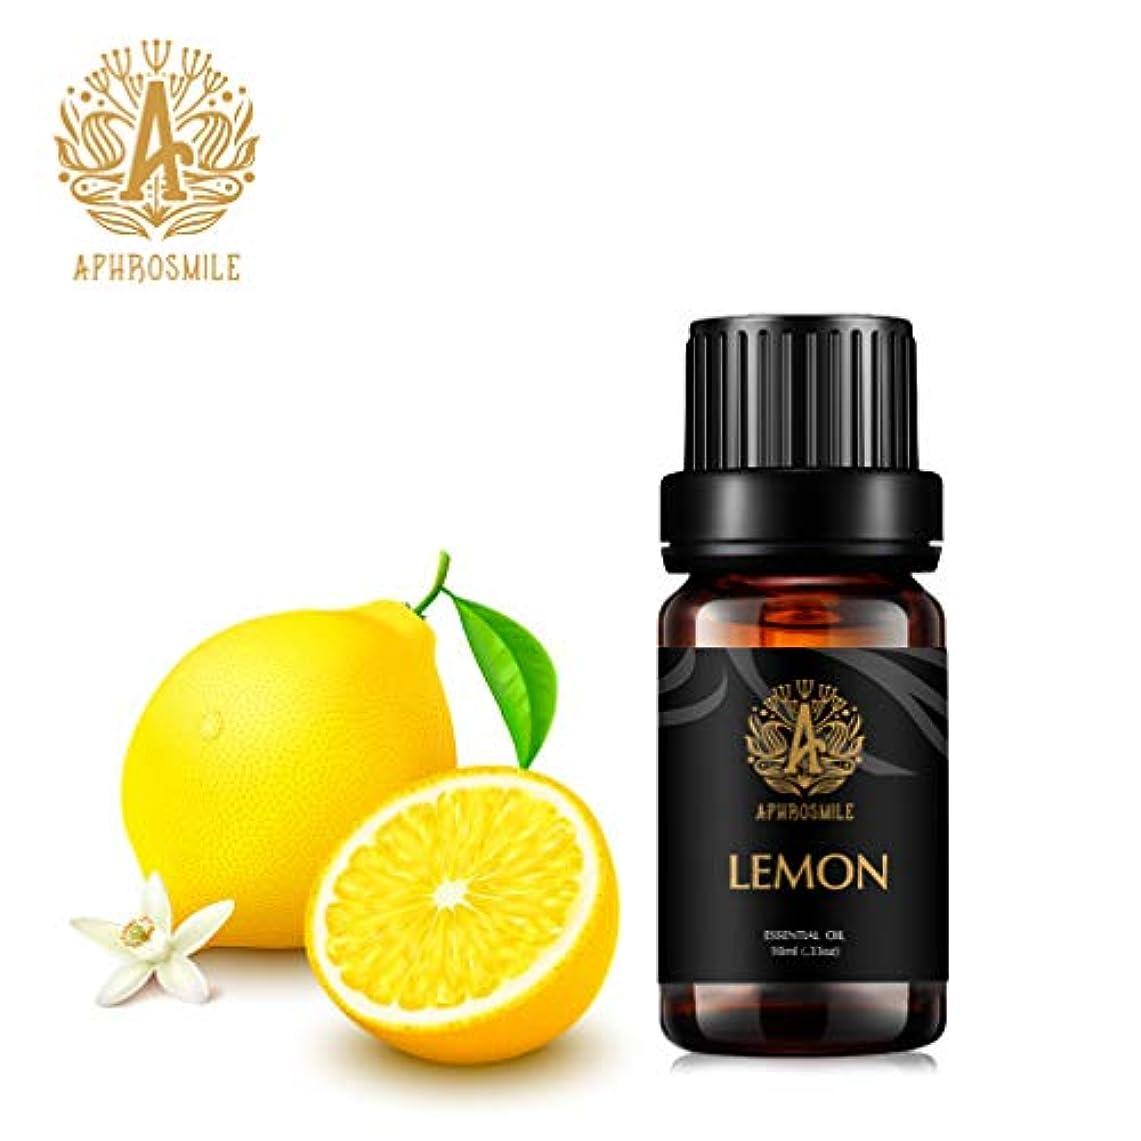 敬意を表するどうやらリレーレモン精油、100%純粋なアロマセラピーエッセンシャルオイルレモンの香り、クレンジングとし、空気を浄化します、治療用グレードエッセンシャルオイルレモンの香り為にディフューザー、マッサージ、加湿器、デイリーケア、0.33オンス...